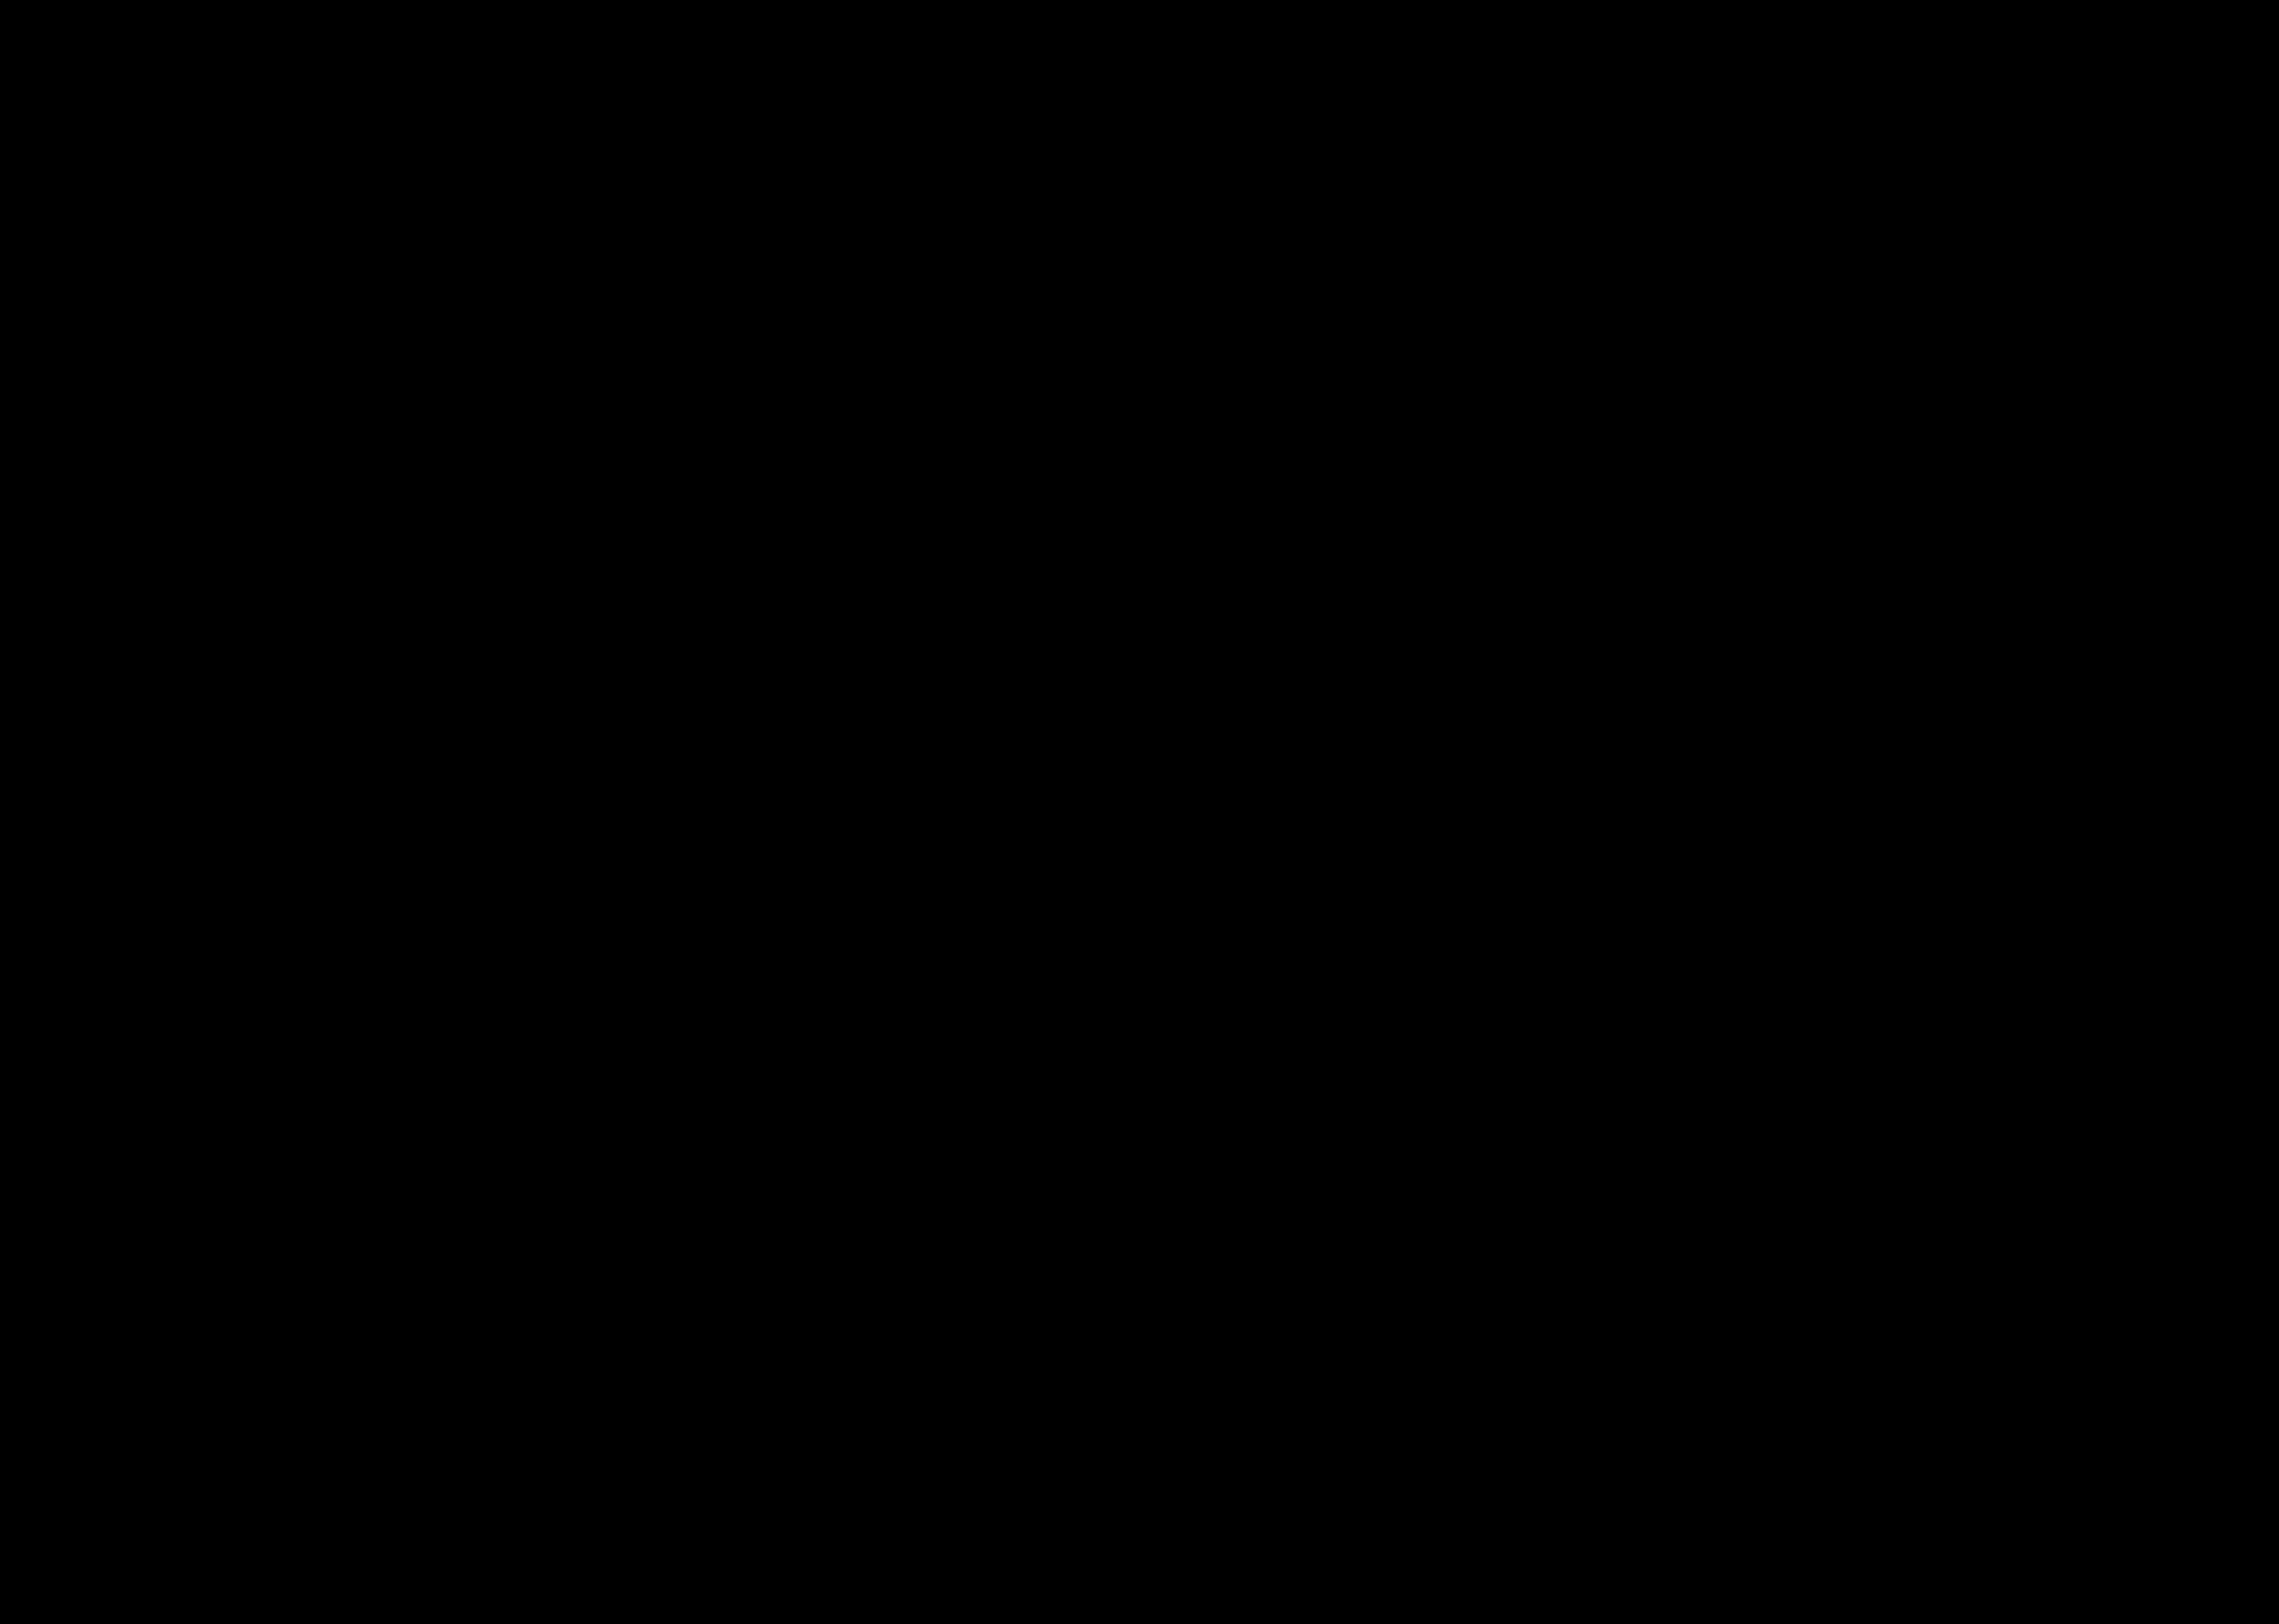 """4-5/10/18*เลื่อนอย่างไม่มีกำหนด* ทบทวนความรู้ด้านปฐพีกลศาสตร์ (Geotechnical and Foundation Engineering)"""" (เพื่อเตรียมความพร้อมสอบสามัญวิศวกร) รุ่นที่ 5"""